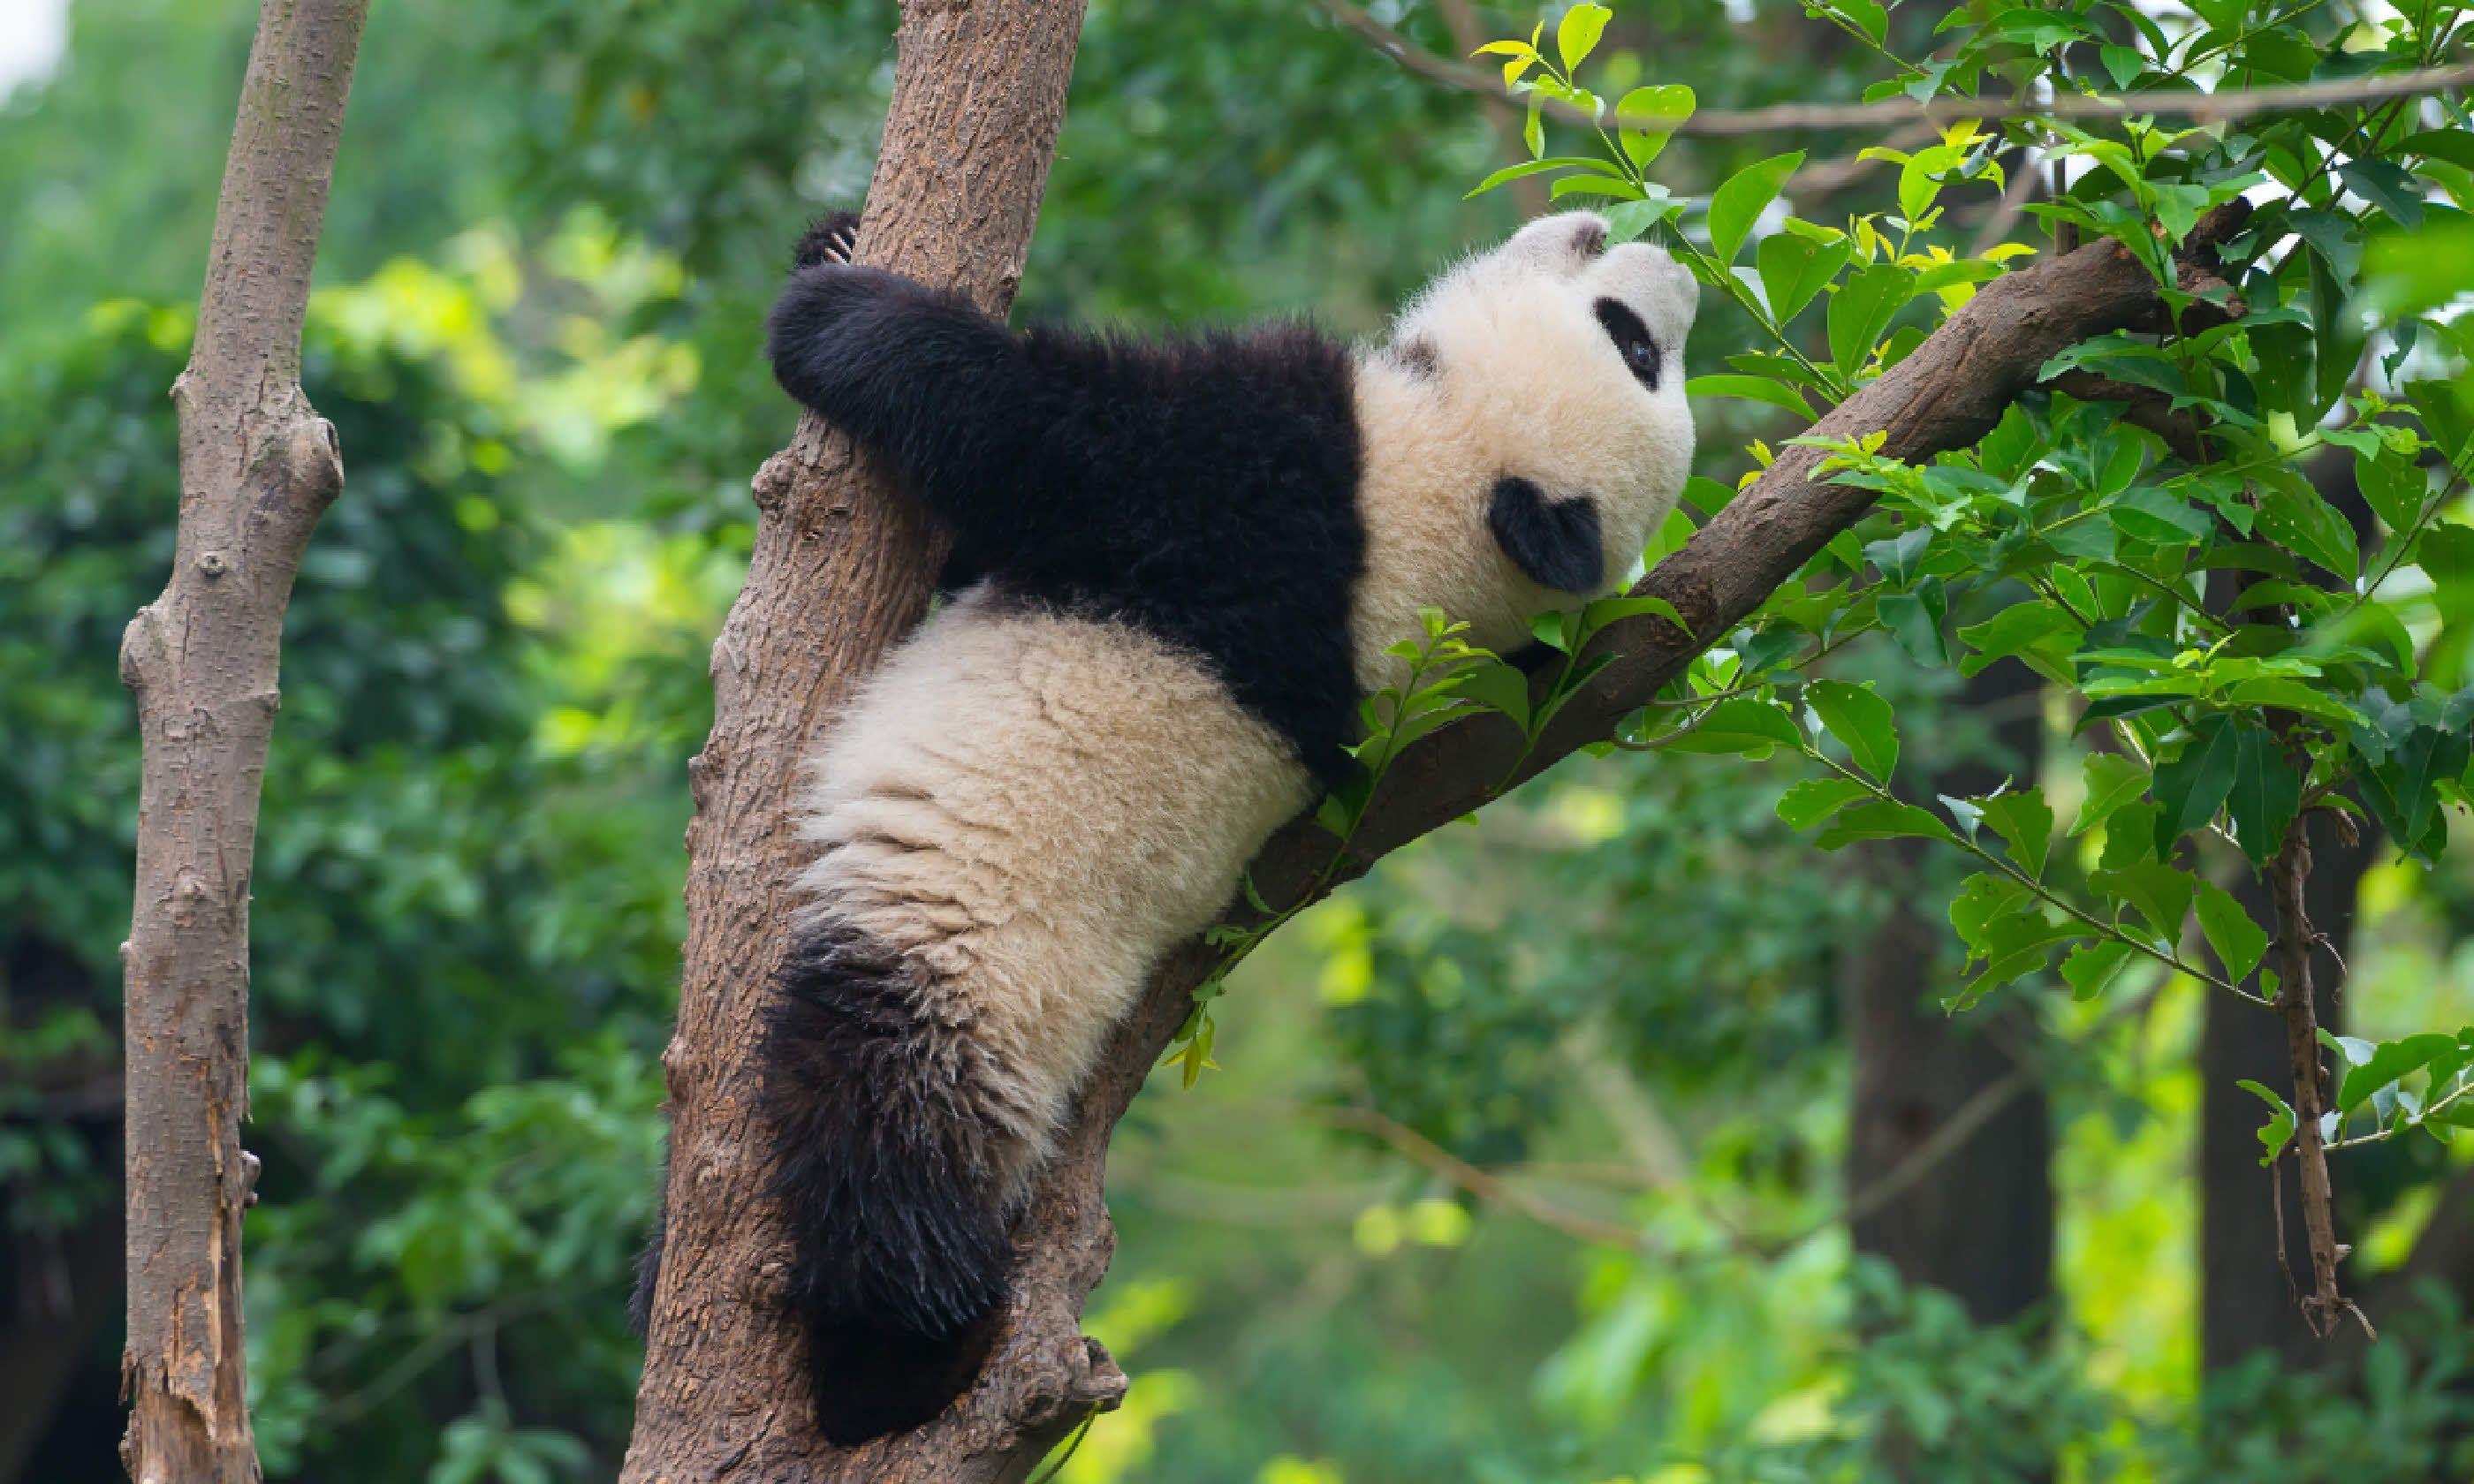 Panda bear, Chengdu (Shutterstock)